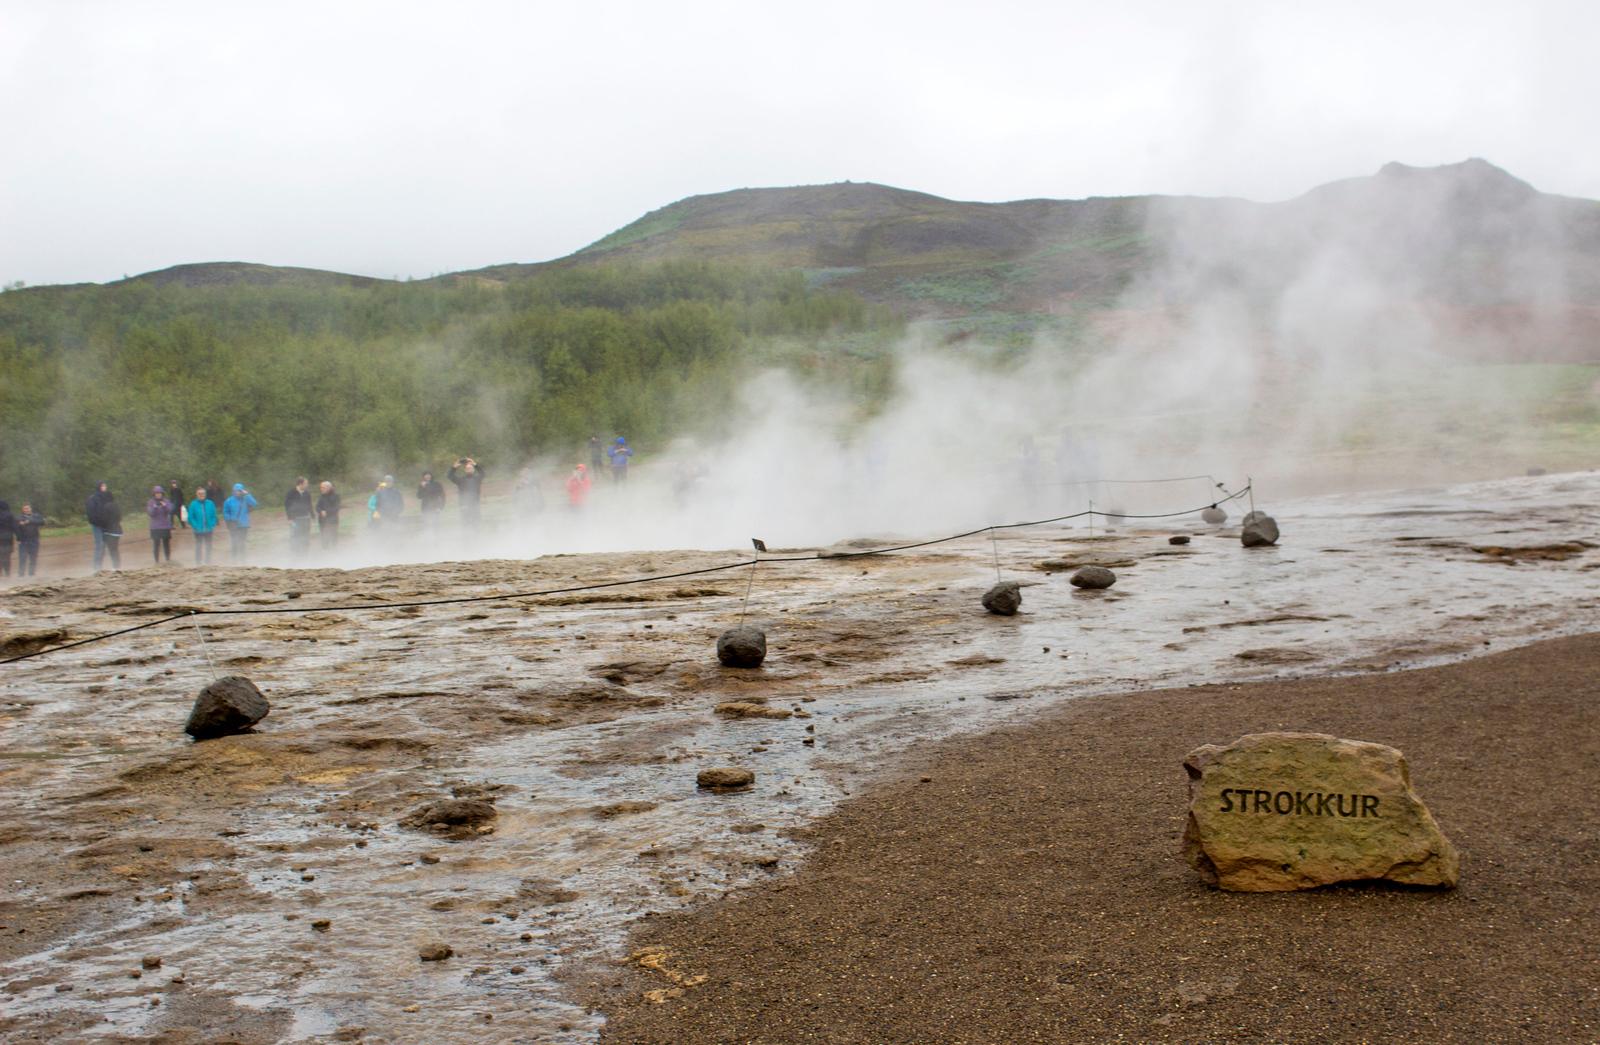 Strokkur geyser in Iceland - Geysir